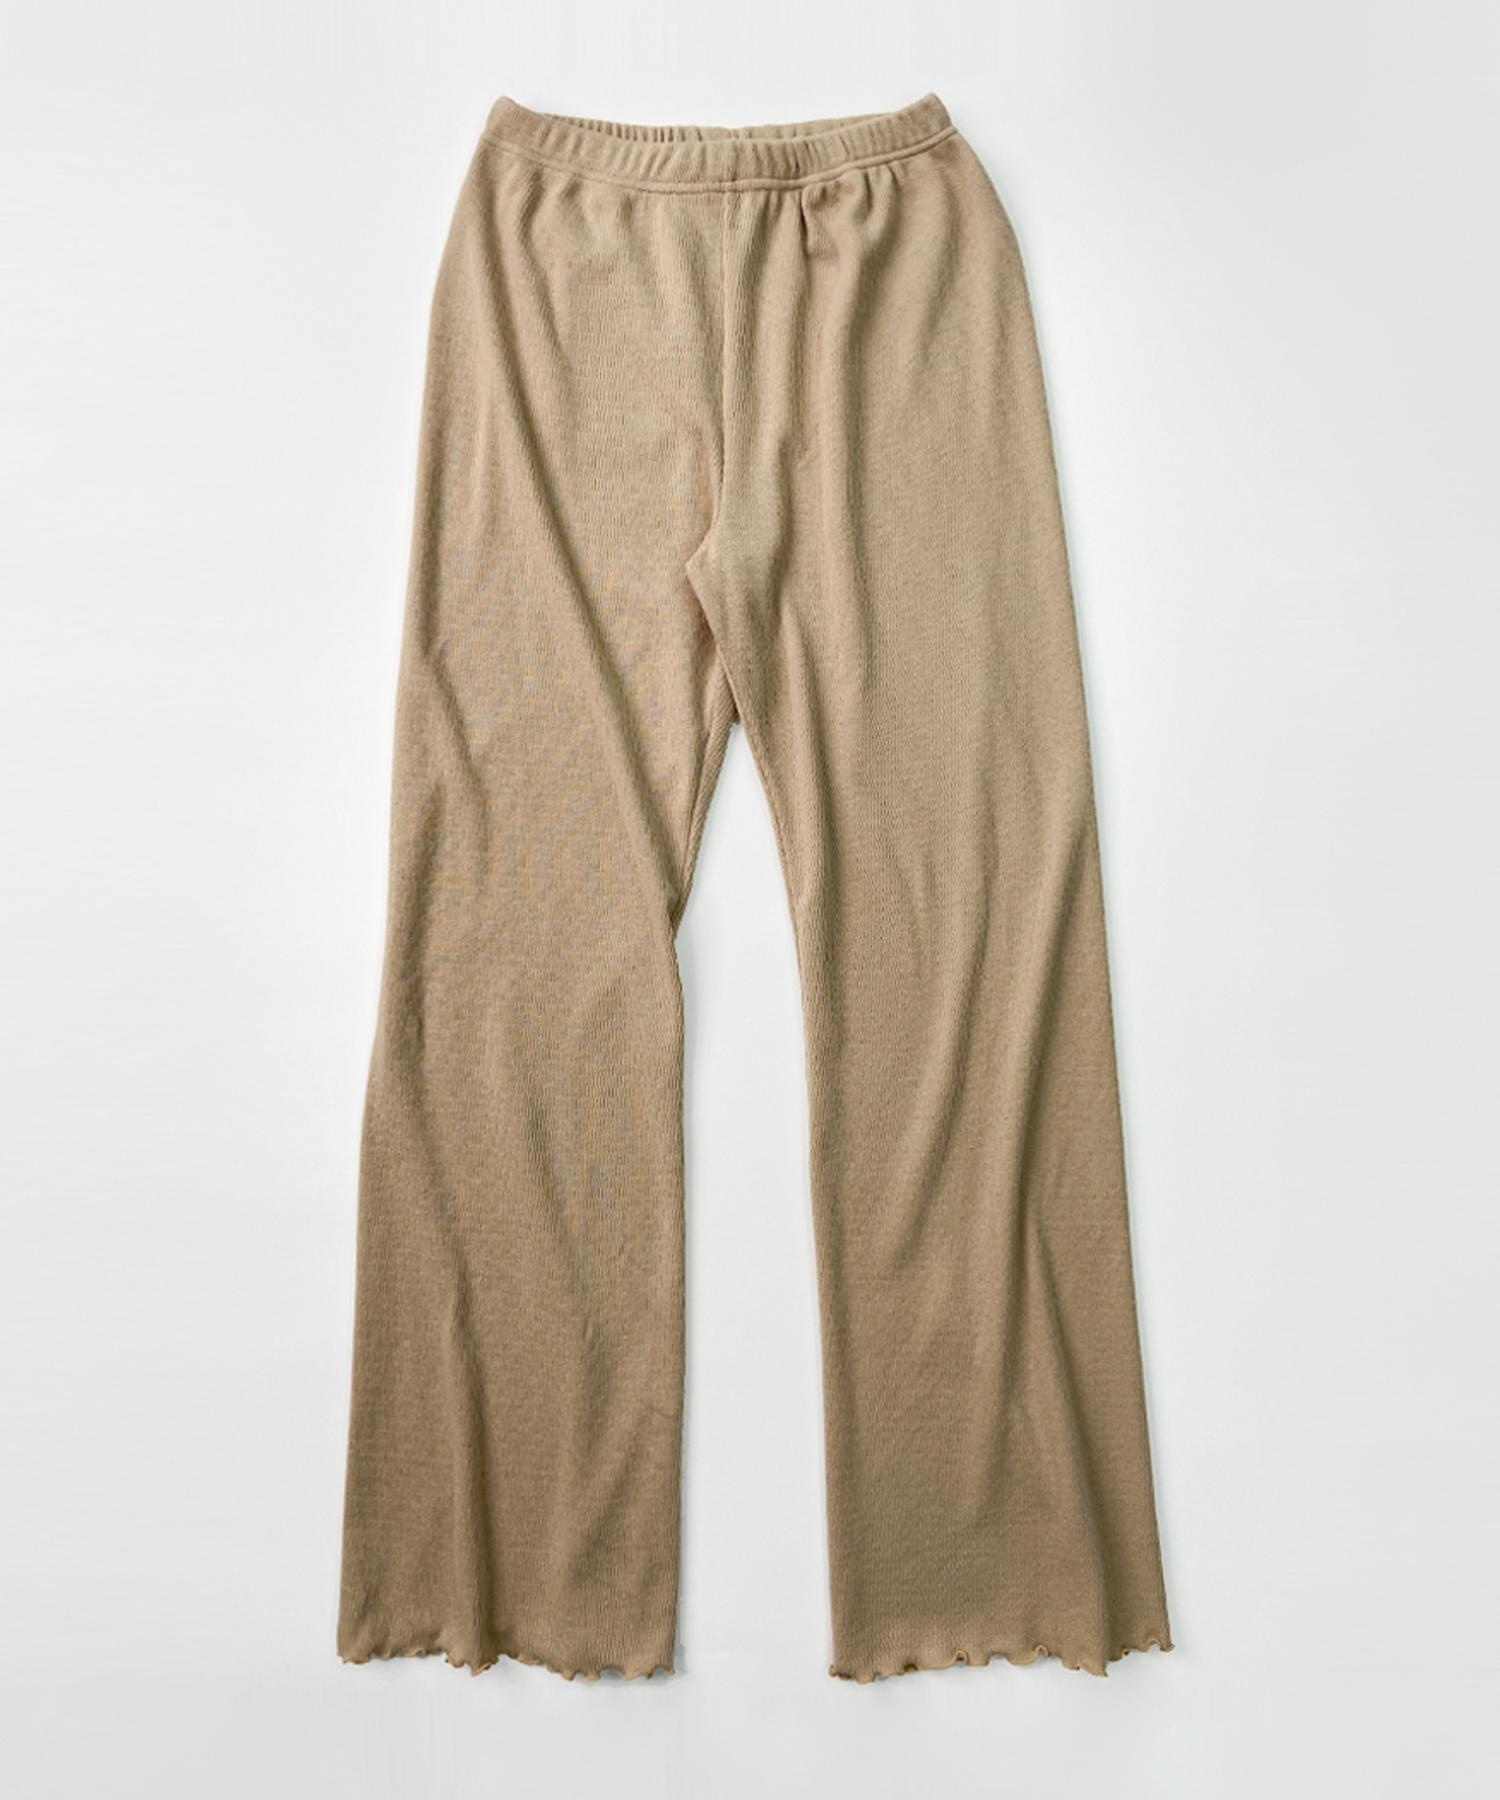 PARMA BOOTS CUT PANTS (파르마 부츠컷 팬츠) - BEIGE